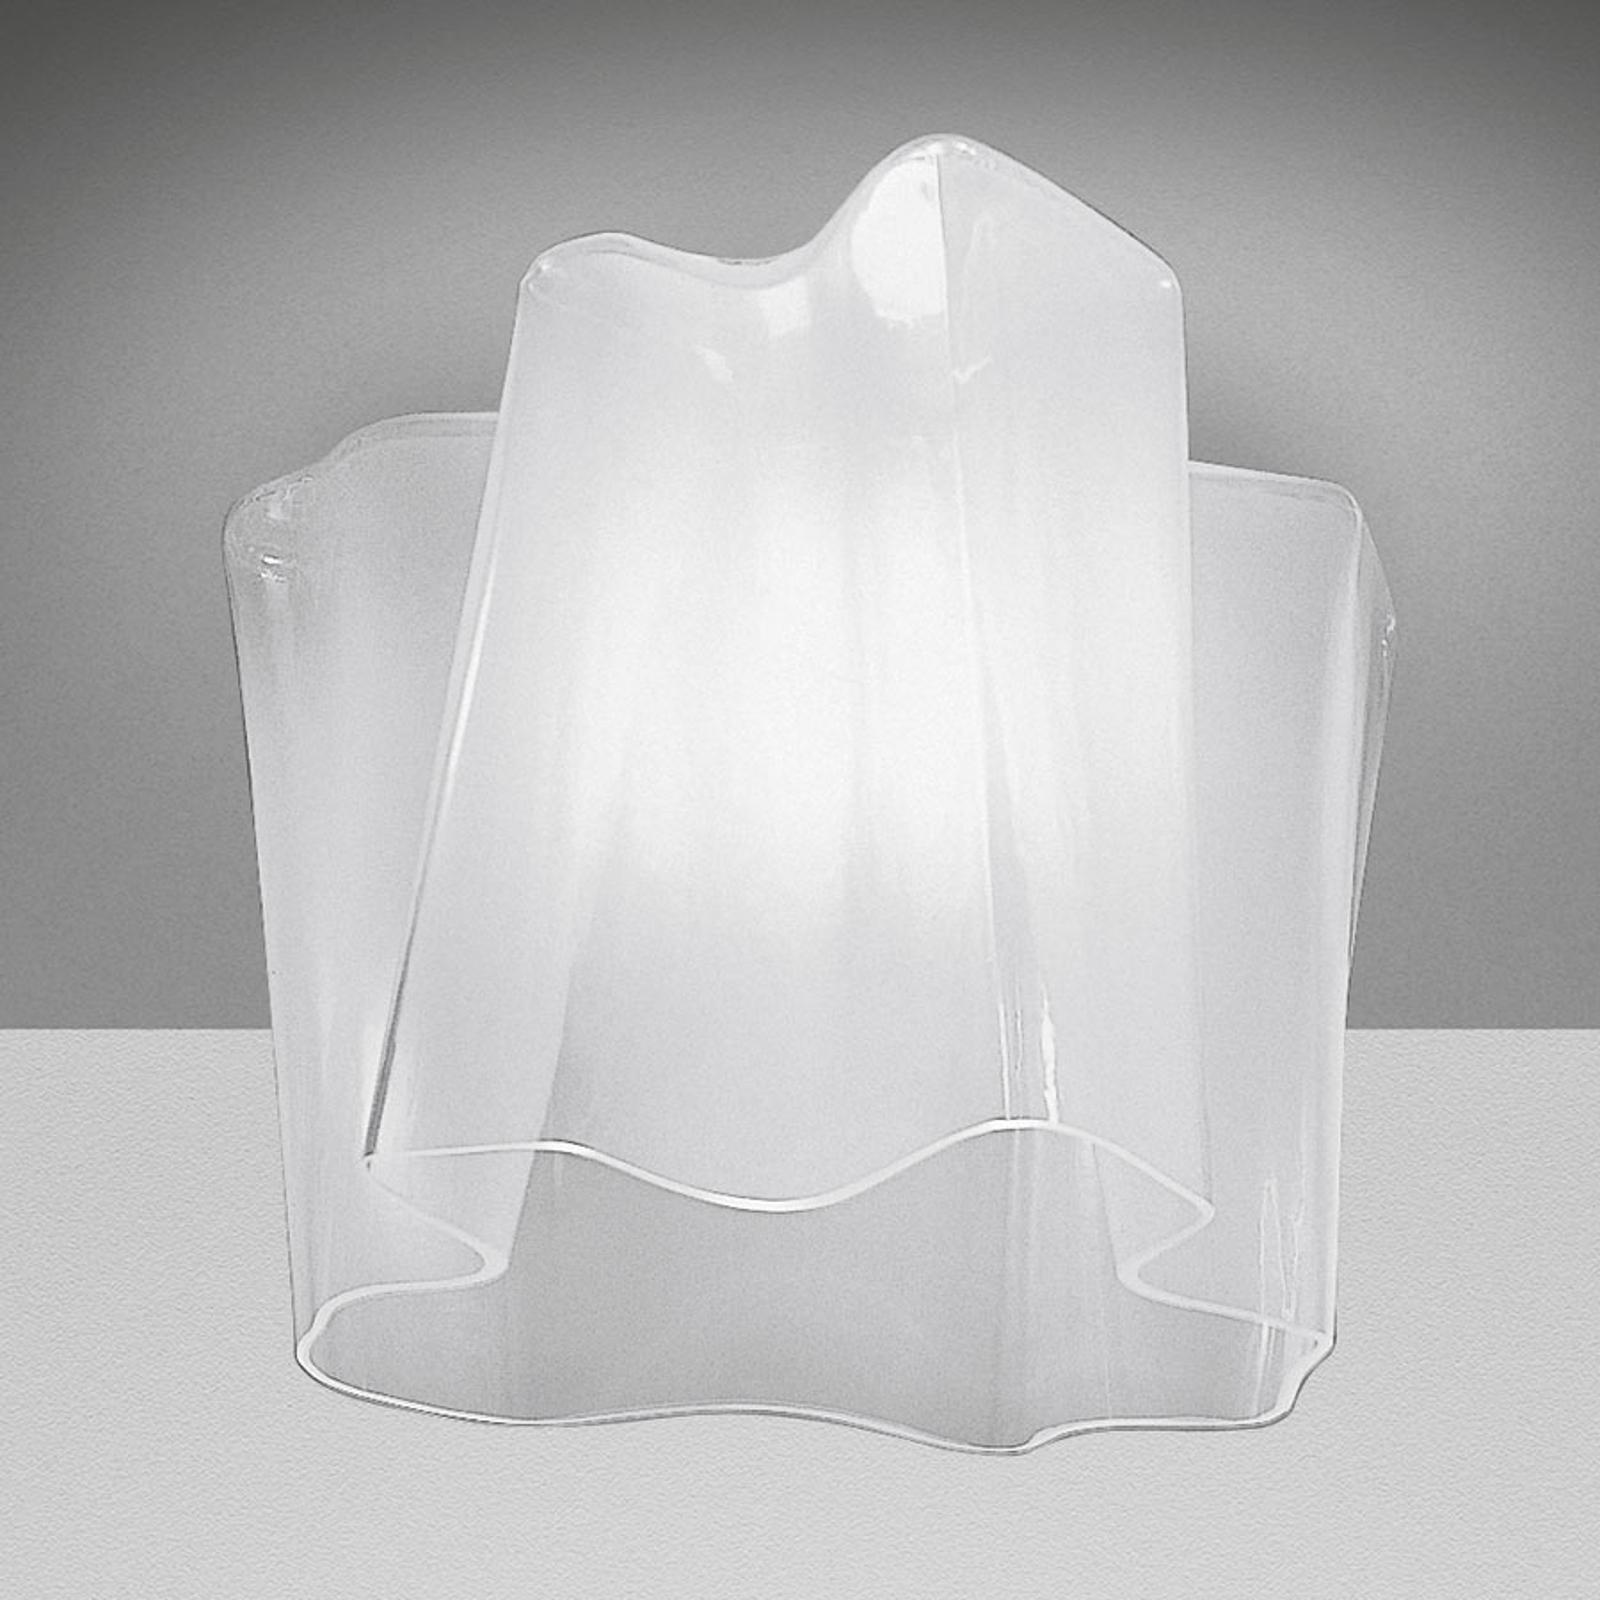 Artemide Logico Deckenlampe 40x40 cm weiß